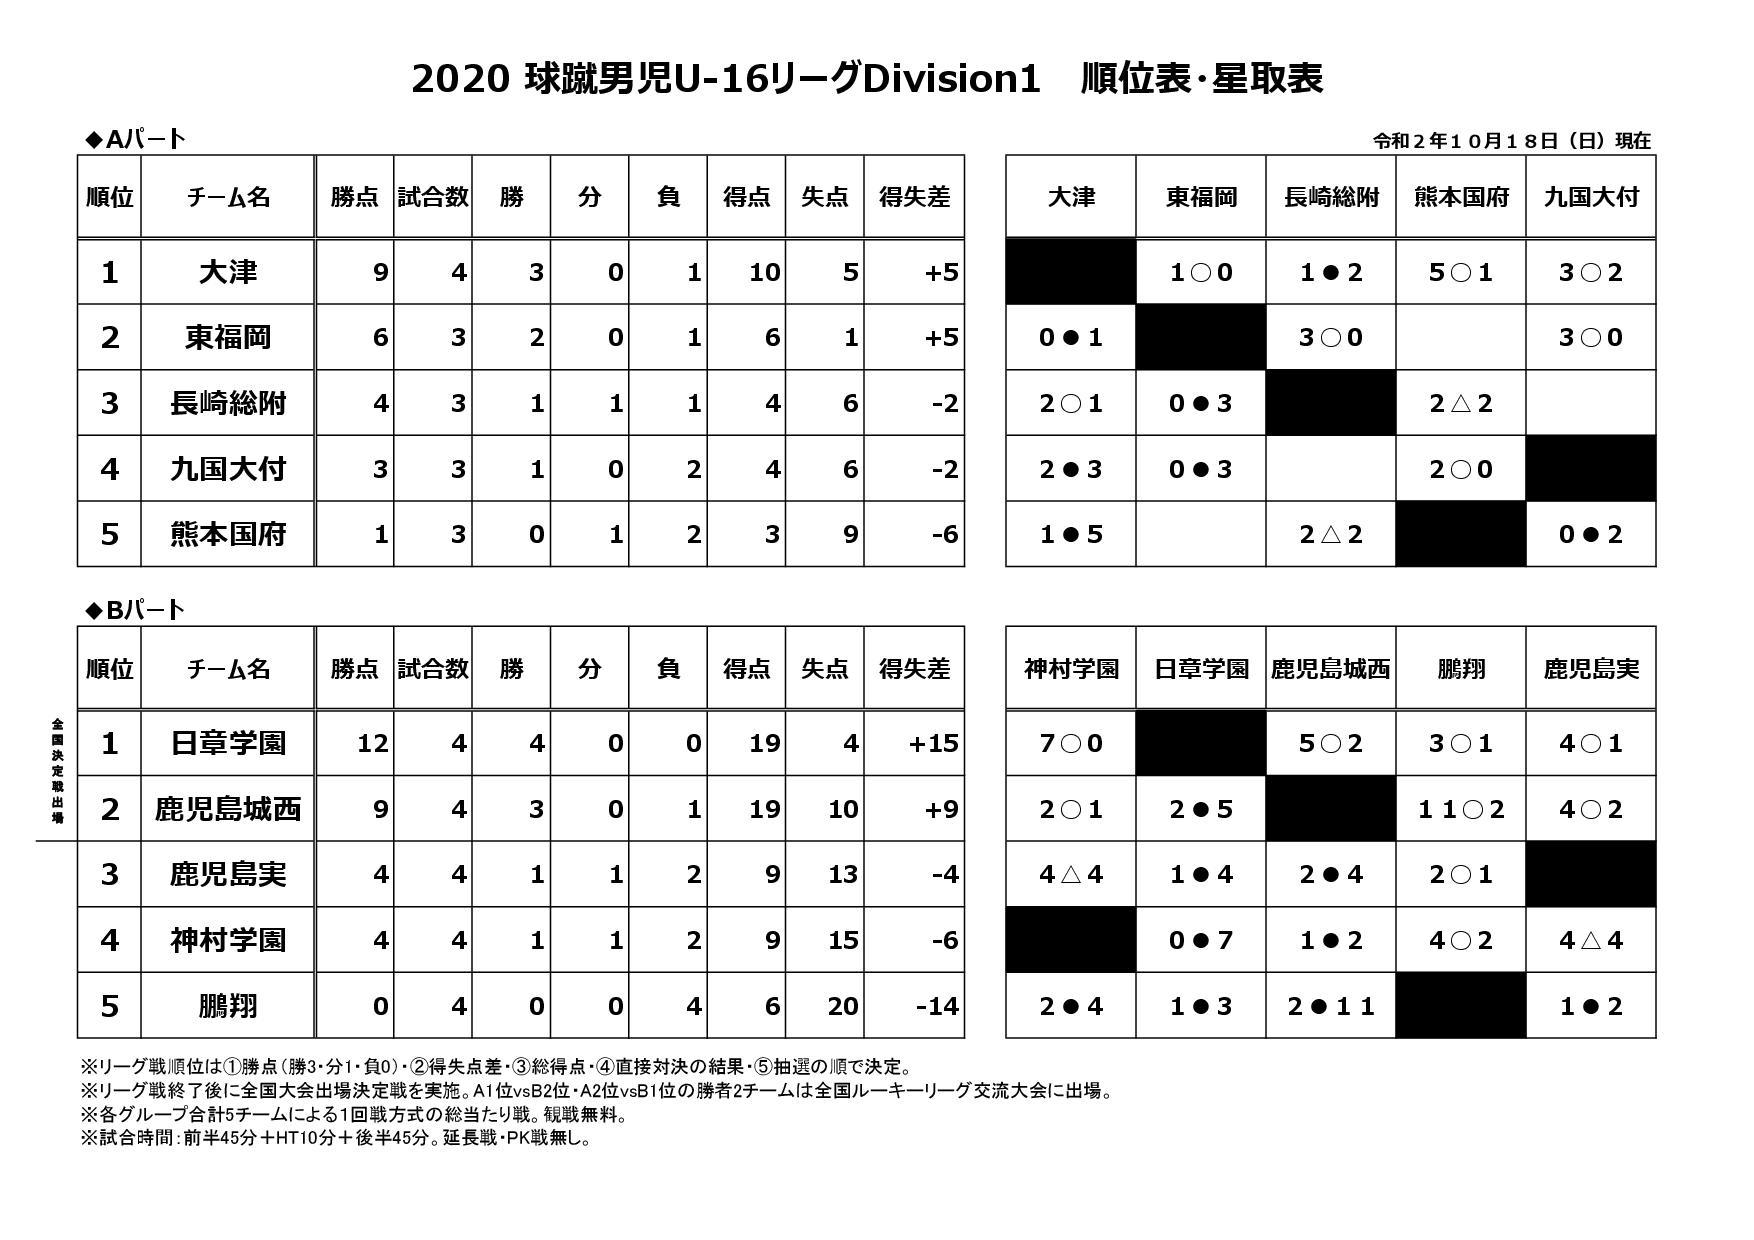 2020球蹴男児U-16リーグDivision1